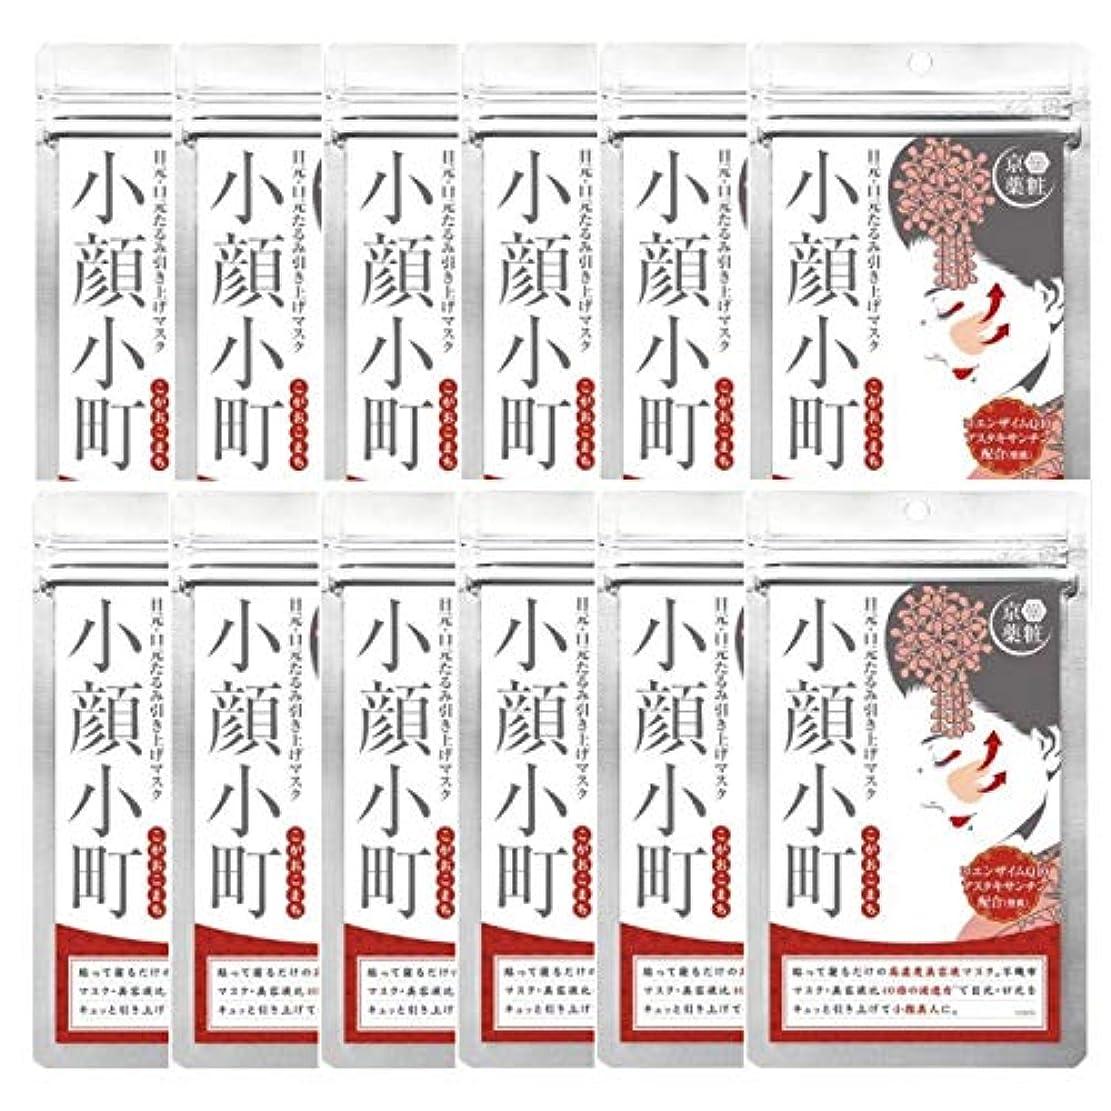 養う助言ブラウス京薬粧 小顔小町 リフトアップマスク ×12セット